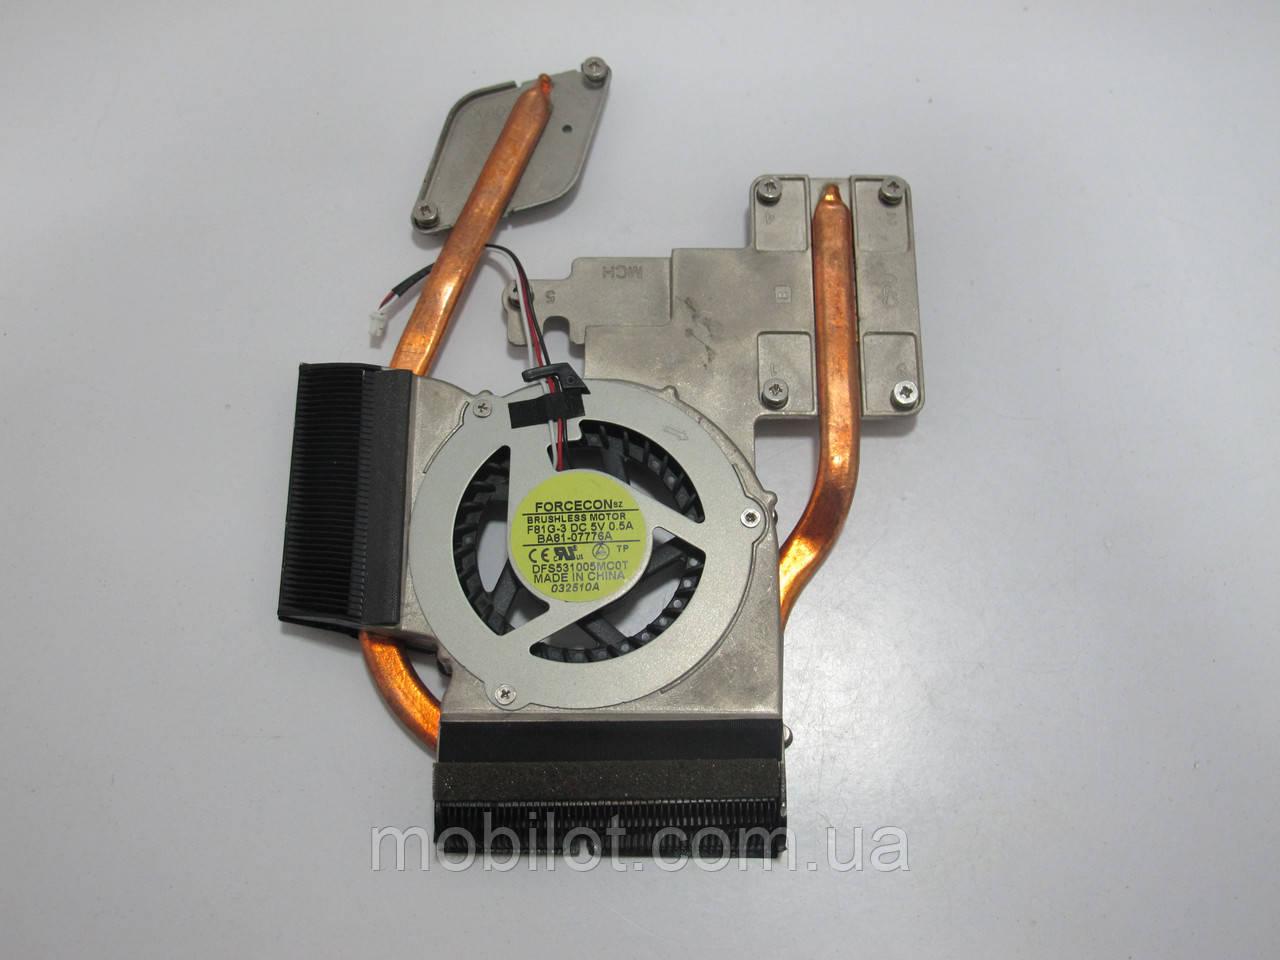 Система охлаждения Samsung R425 (NZ-5369)